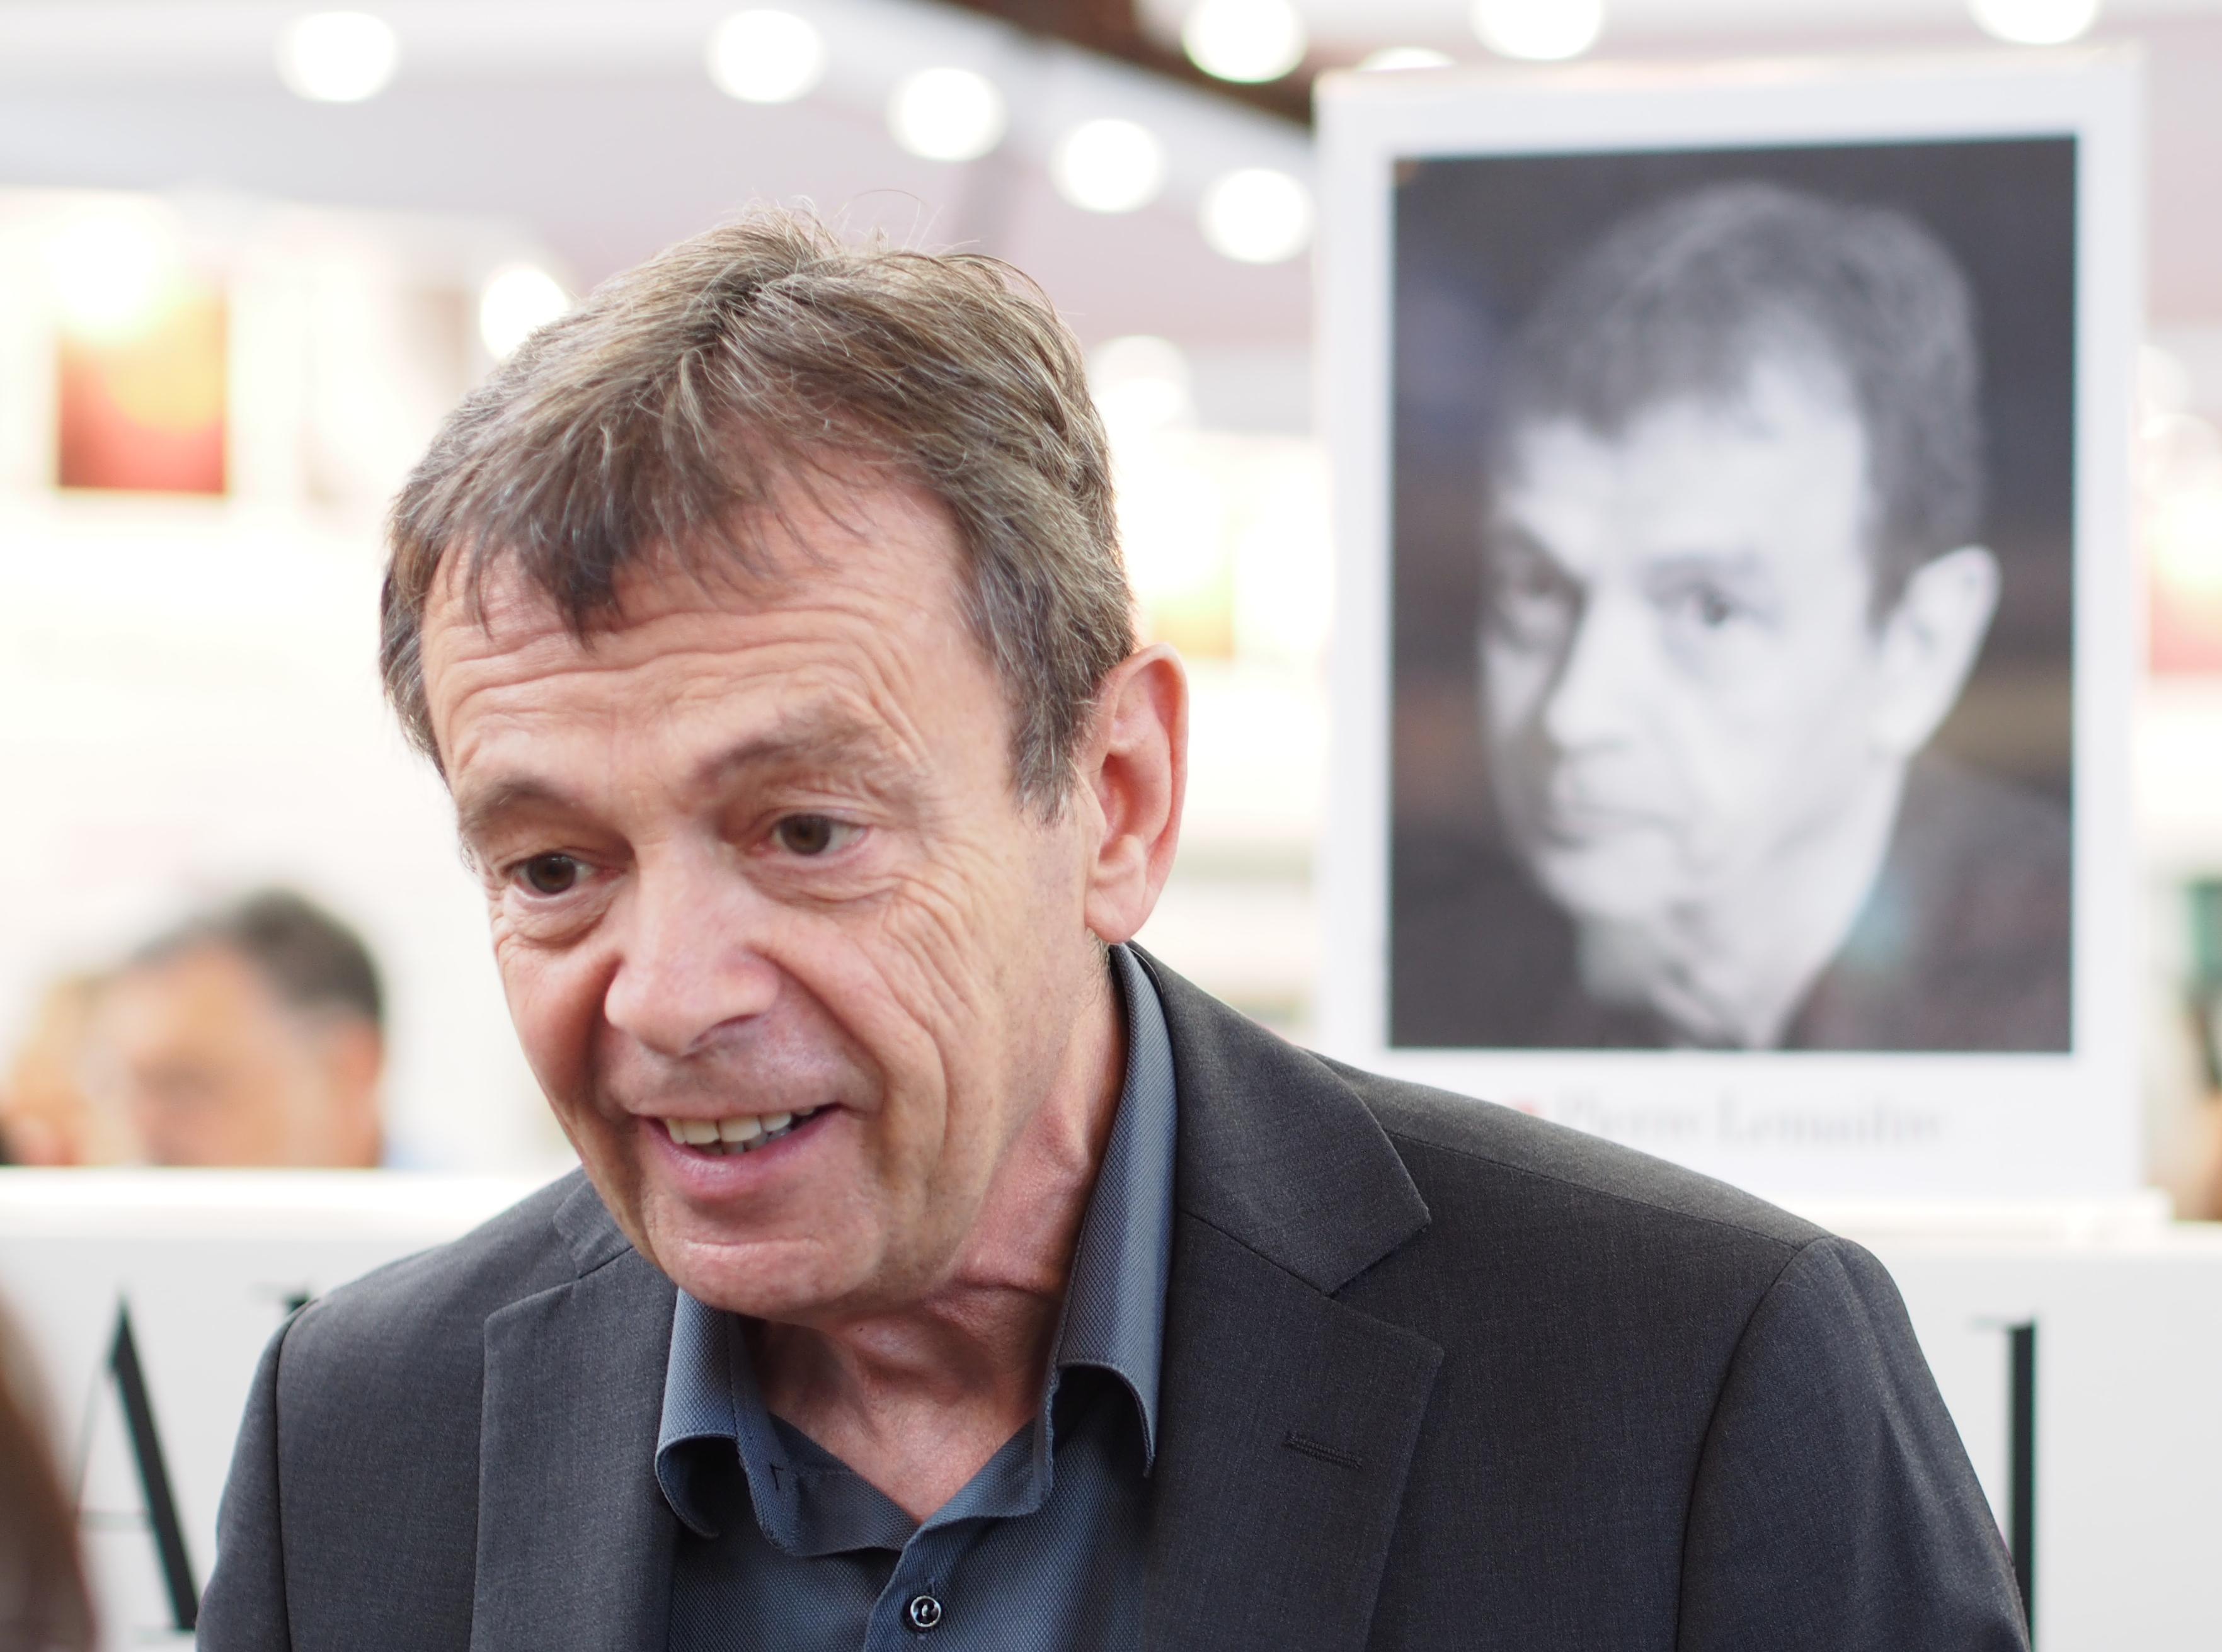 Pierre Lemaitre - Salon du livre de Paris - 23 mars 2014.JPG